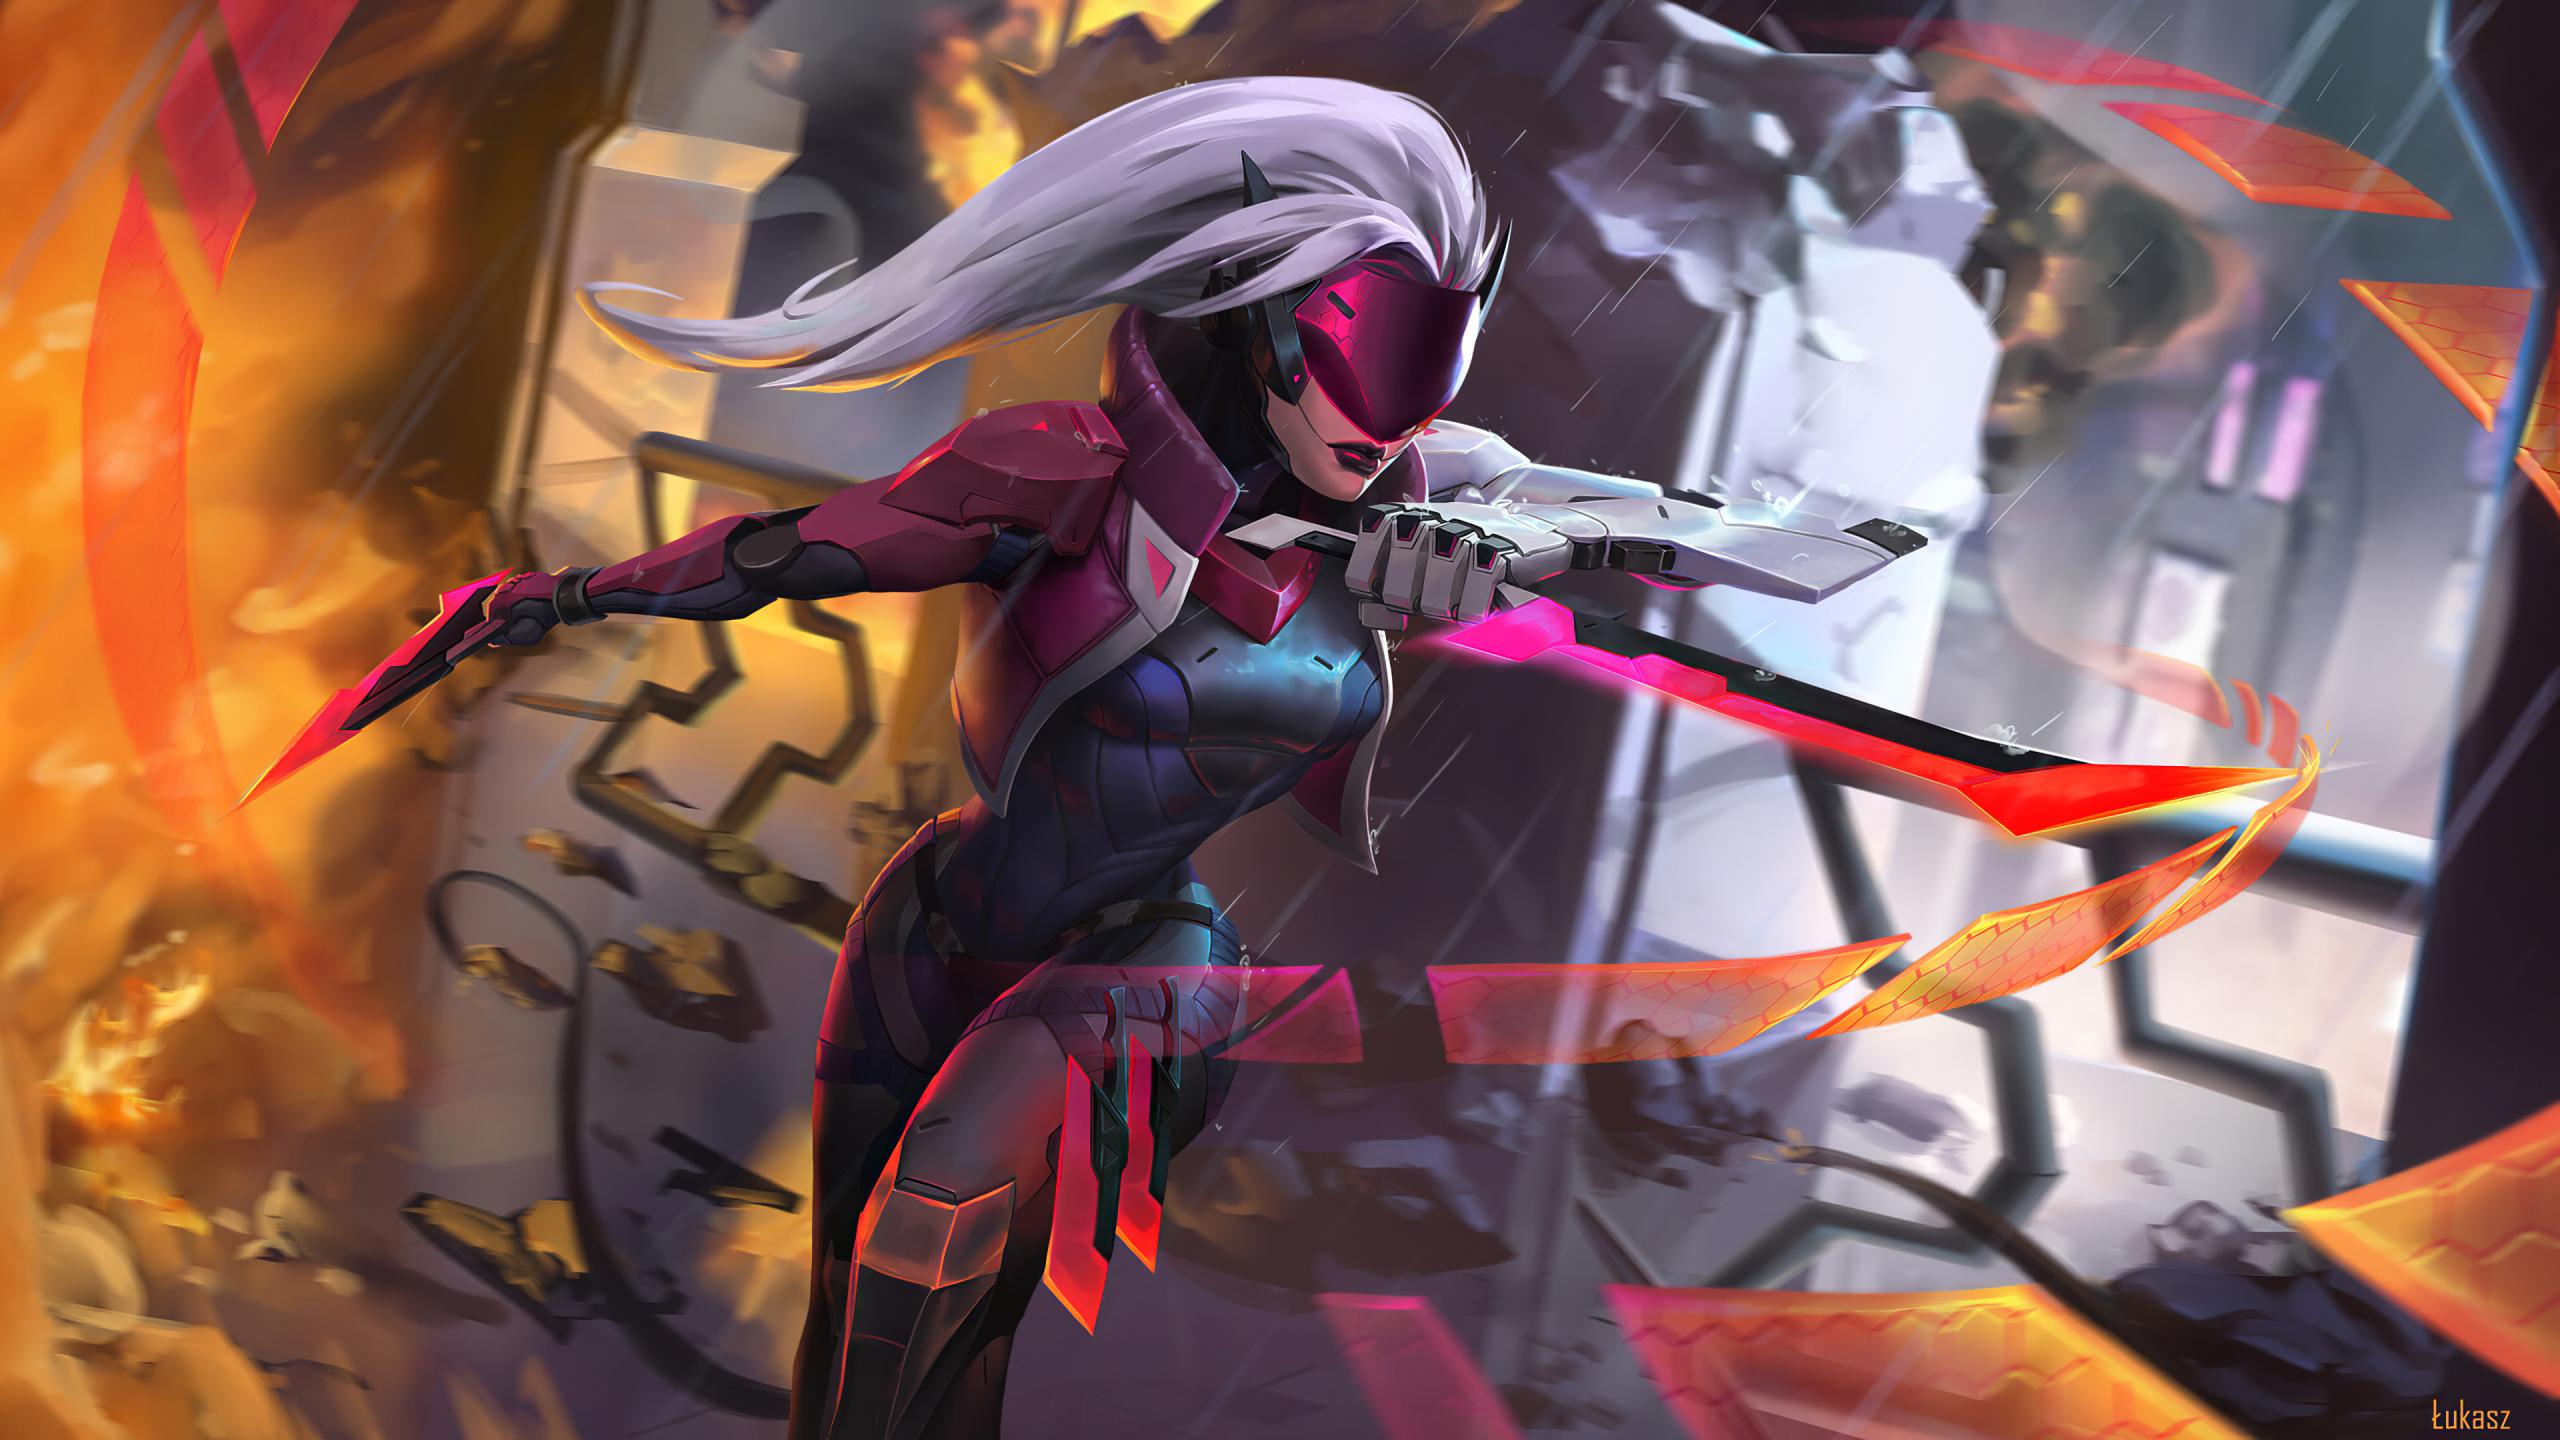 2560x1440 Katarina League Of Legends 1440p Resolution Wallpaper